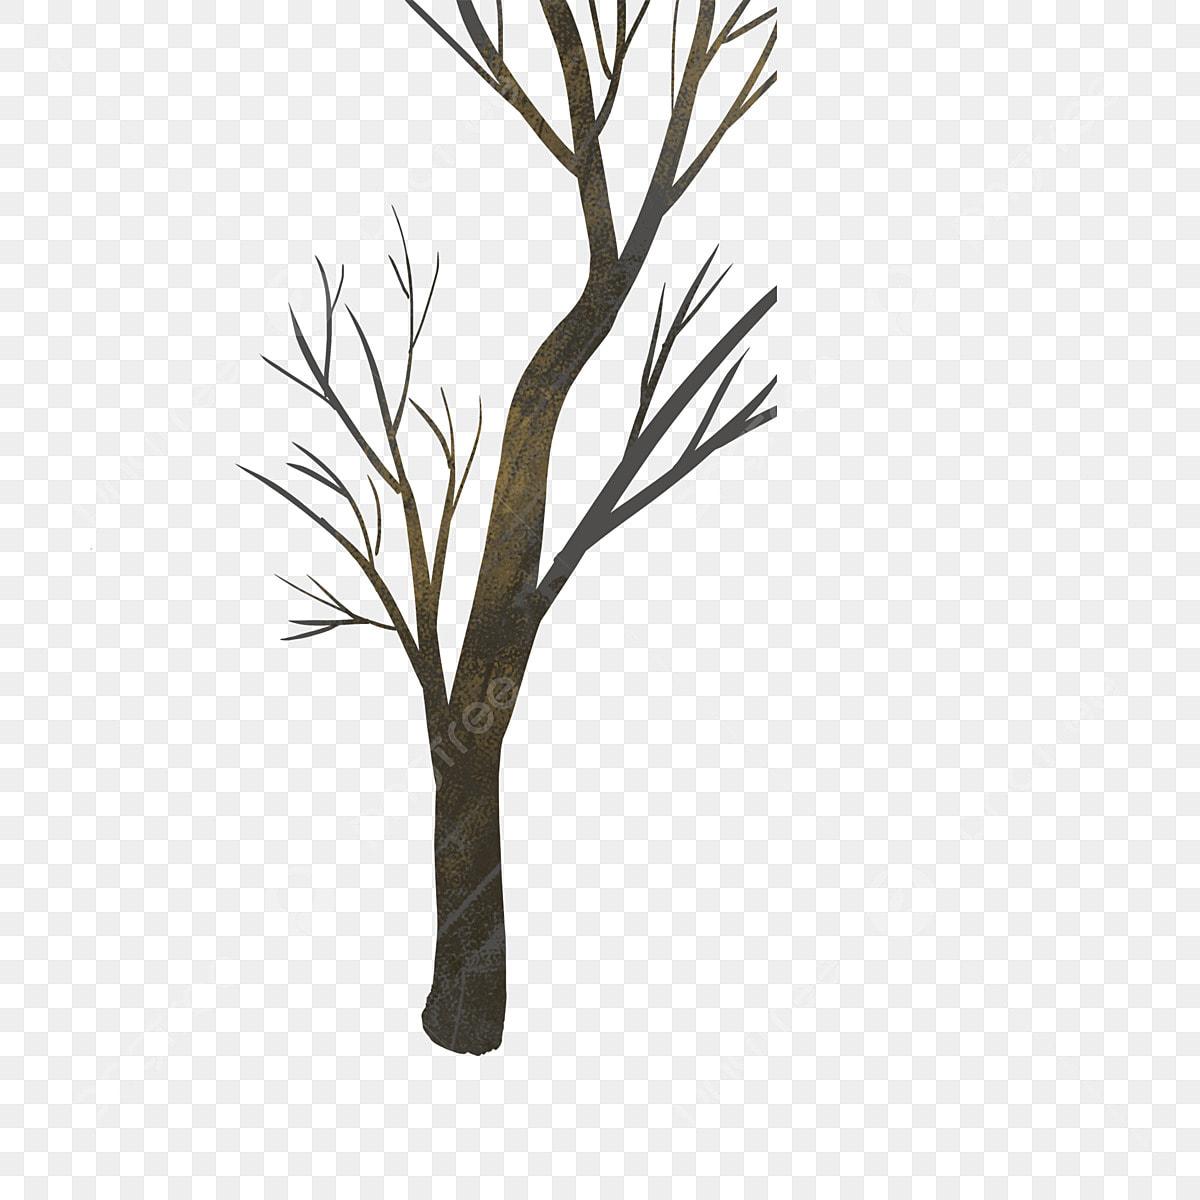 Gambar Trunk Pohon Layu Pokok Tumbuhan Pohon Layu Pokok Muat Turun Kartun Kreatif Png Dan Psd Untuk Muat Turun Percuma